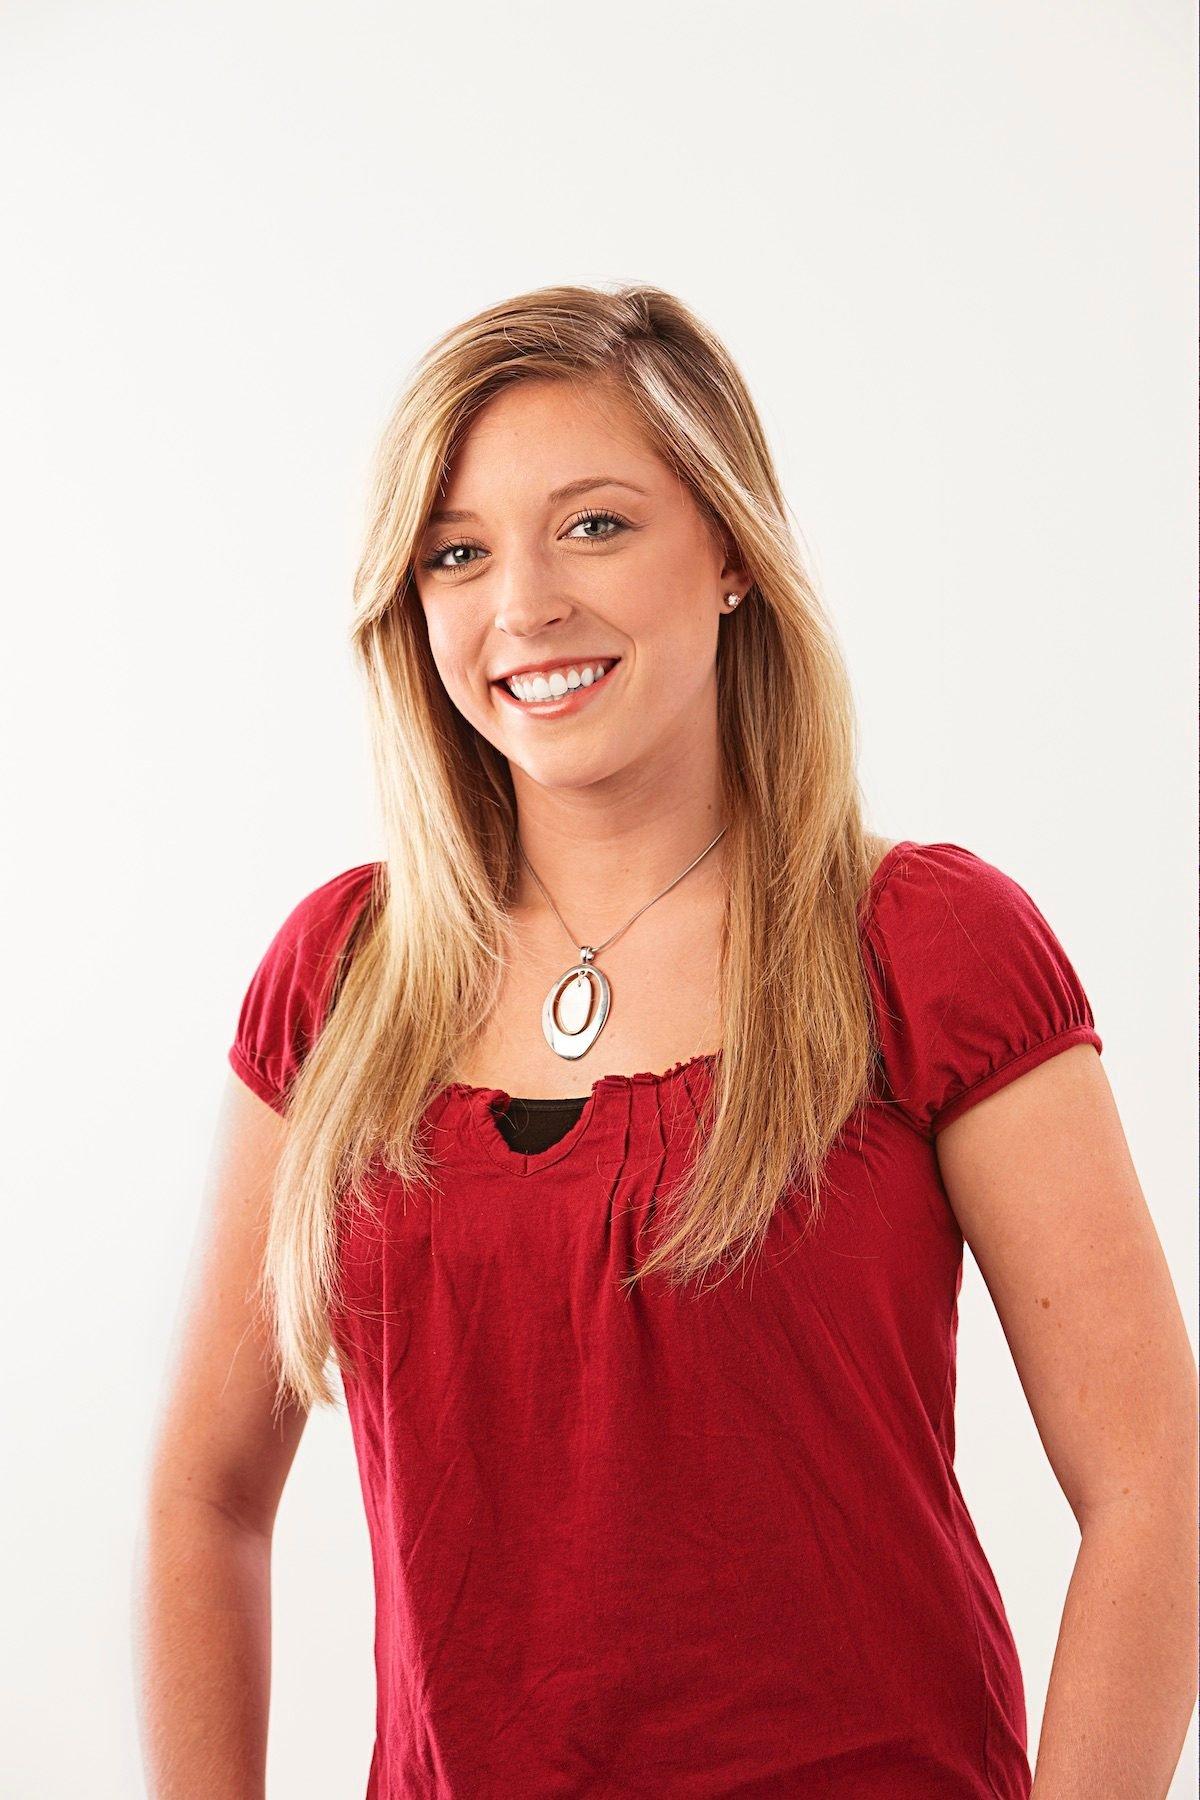 Danielle Barr